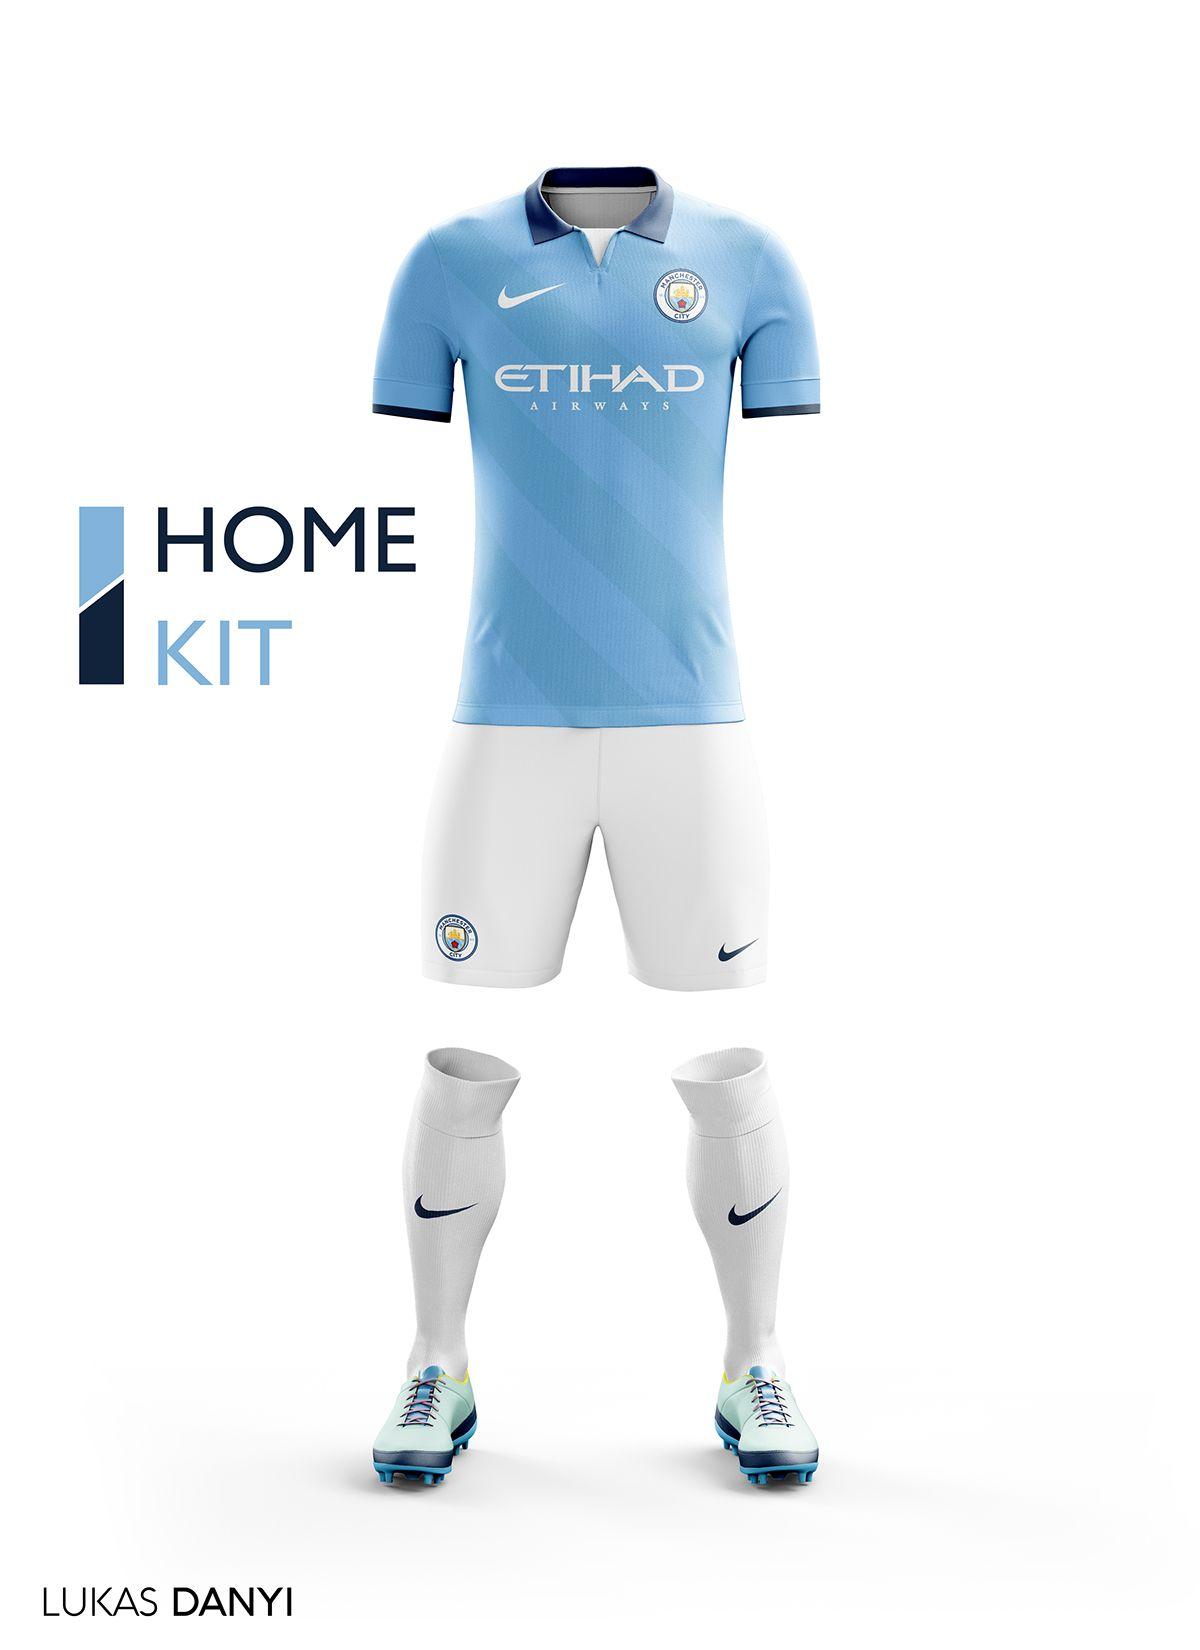 I Designed Football Kits For Manchester City For The Upcoming Season 16 17 And I Use The New Logo Camisa De Futbol Uniformes De Futbol Camisetas Deportivas